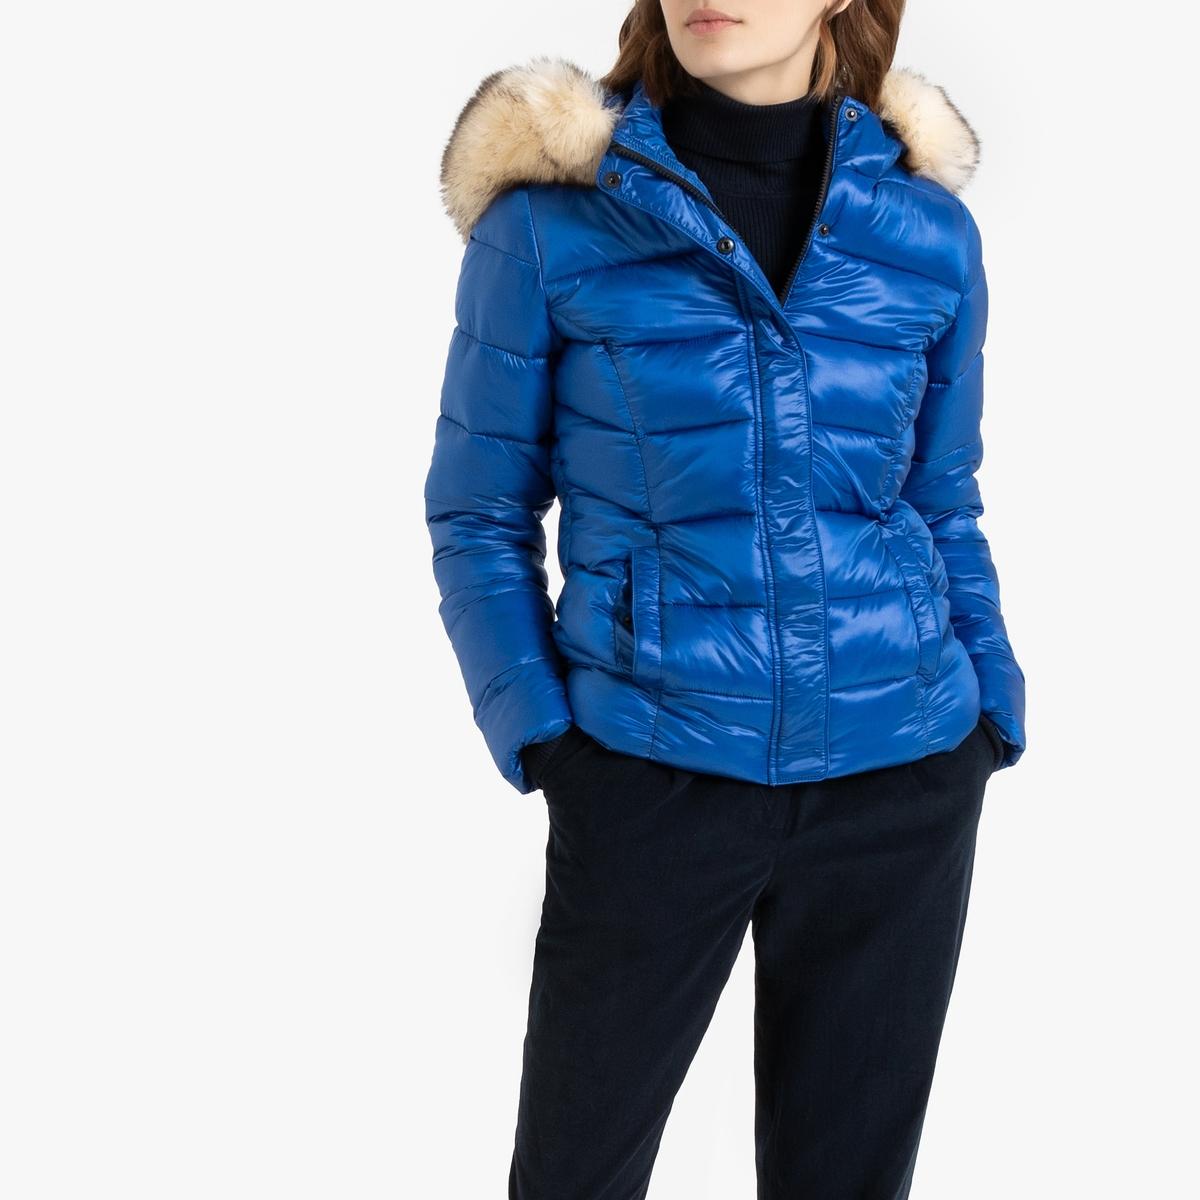 Куртка La Redoute Стеганая короткая с капюшоном оторочкой из искусственного меха L синий